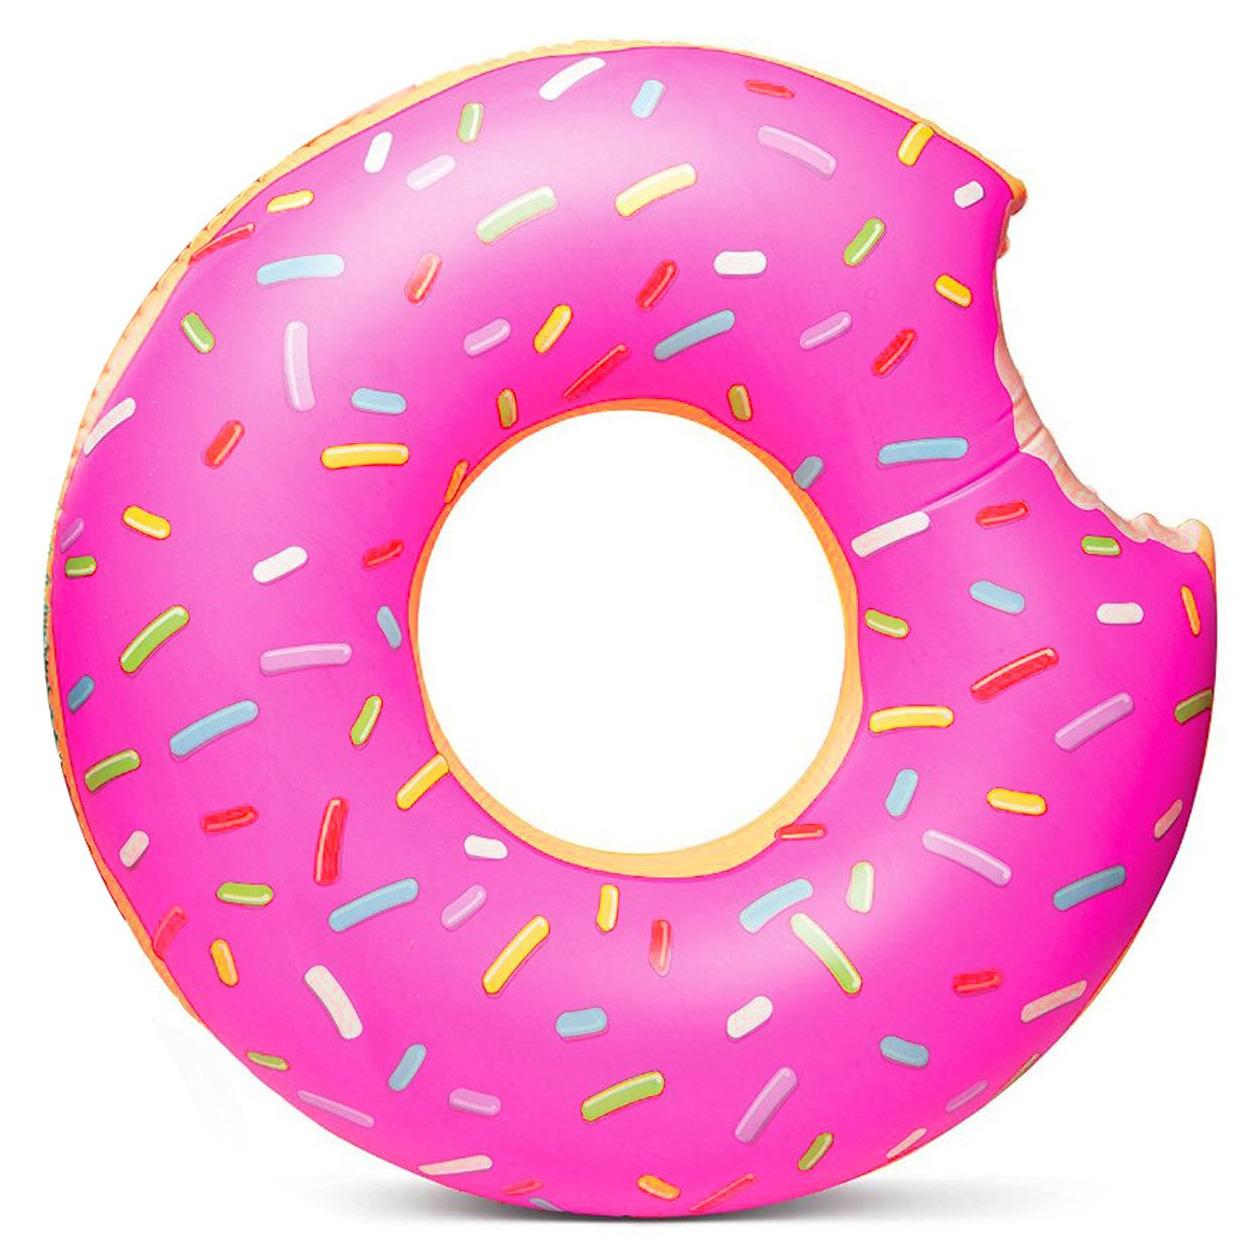 Roze donut zwemband 119 cm